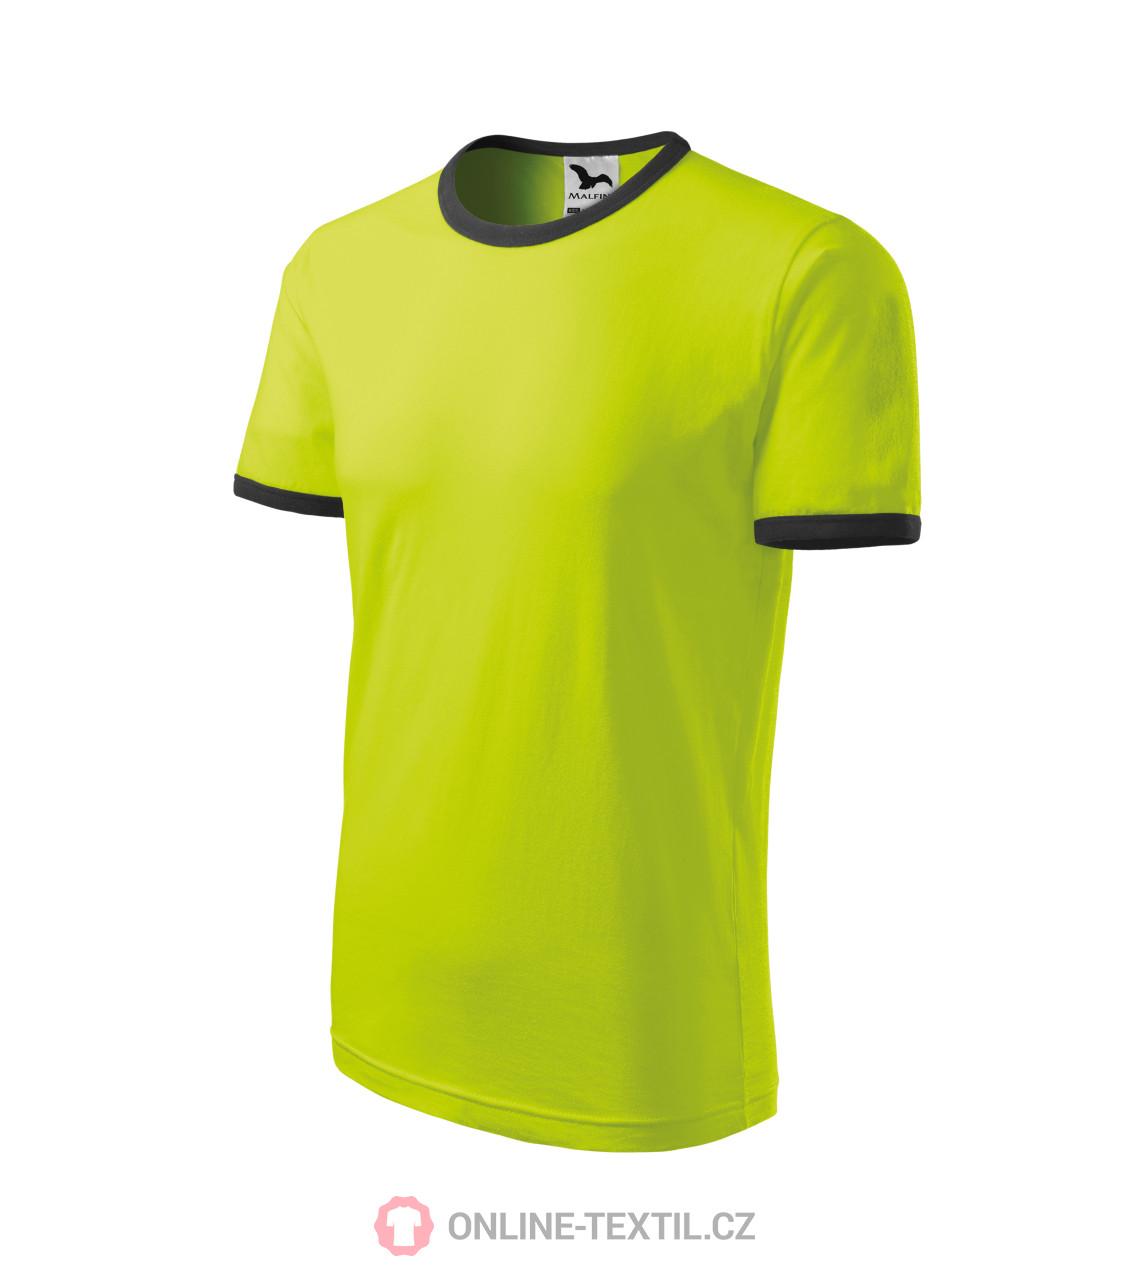 54c6825654 ADLER CZECH Infinity tričko dětské vyšší gramáže 148 - limetková z ...